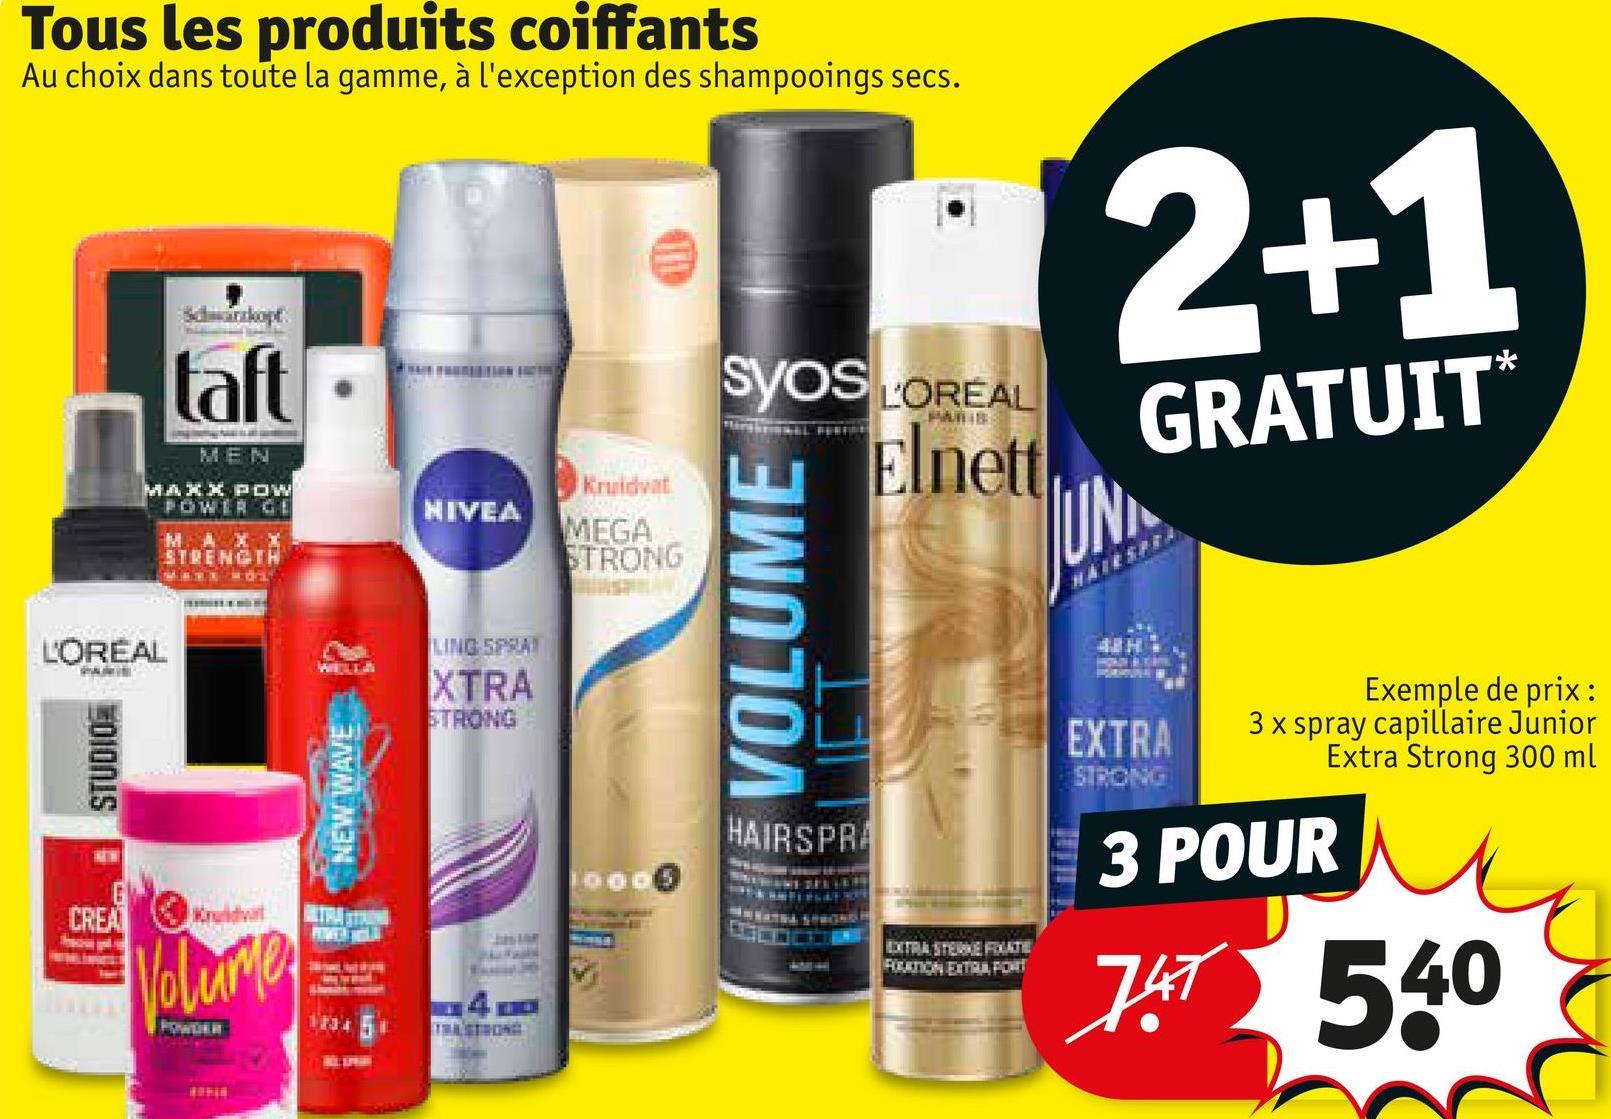 Tous les produits coiffants Au choix dans toute la gamme, à l'exception des shampooings secs. 2+1 taft SYOS L'OREAL Elnett GRATUIT* FireFF MEN Kruidvat NIVEA MAXX POW POWER MAXX STRENGTH MEGA STRONG UN 41 VOLUME L'OREAL LINO: SPA XTRA STRONG EXTRA Exemple de prix: 3 x spray capillaire Junior Extra Strong 300 ml ESTUDIO NEW WAVE HAIRSPRA 3 POUR G CREA Kuvat TRA The BITRA STEBERLITE REATON EITAI, POUR Volume 747 540 PODER 173